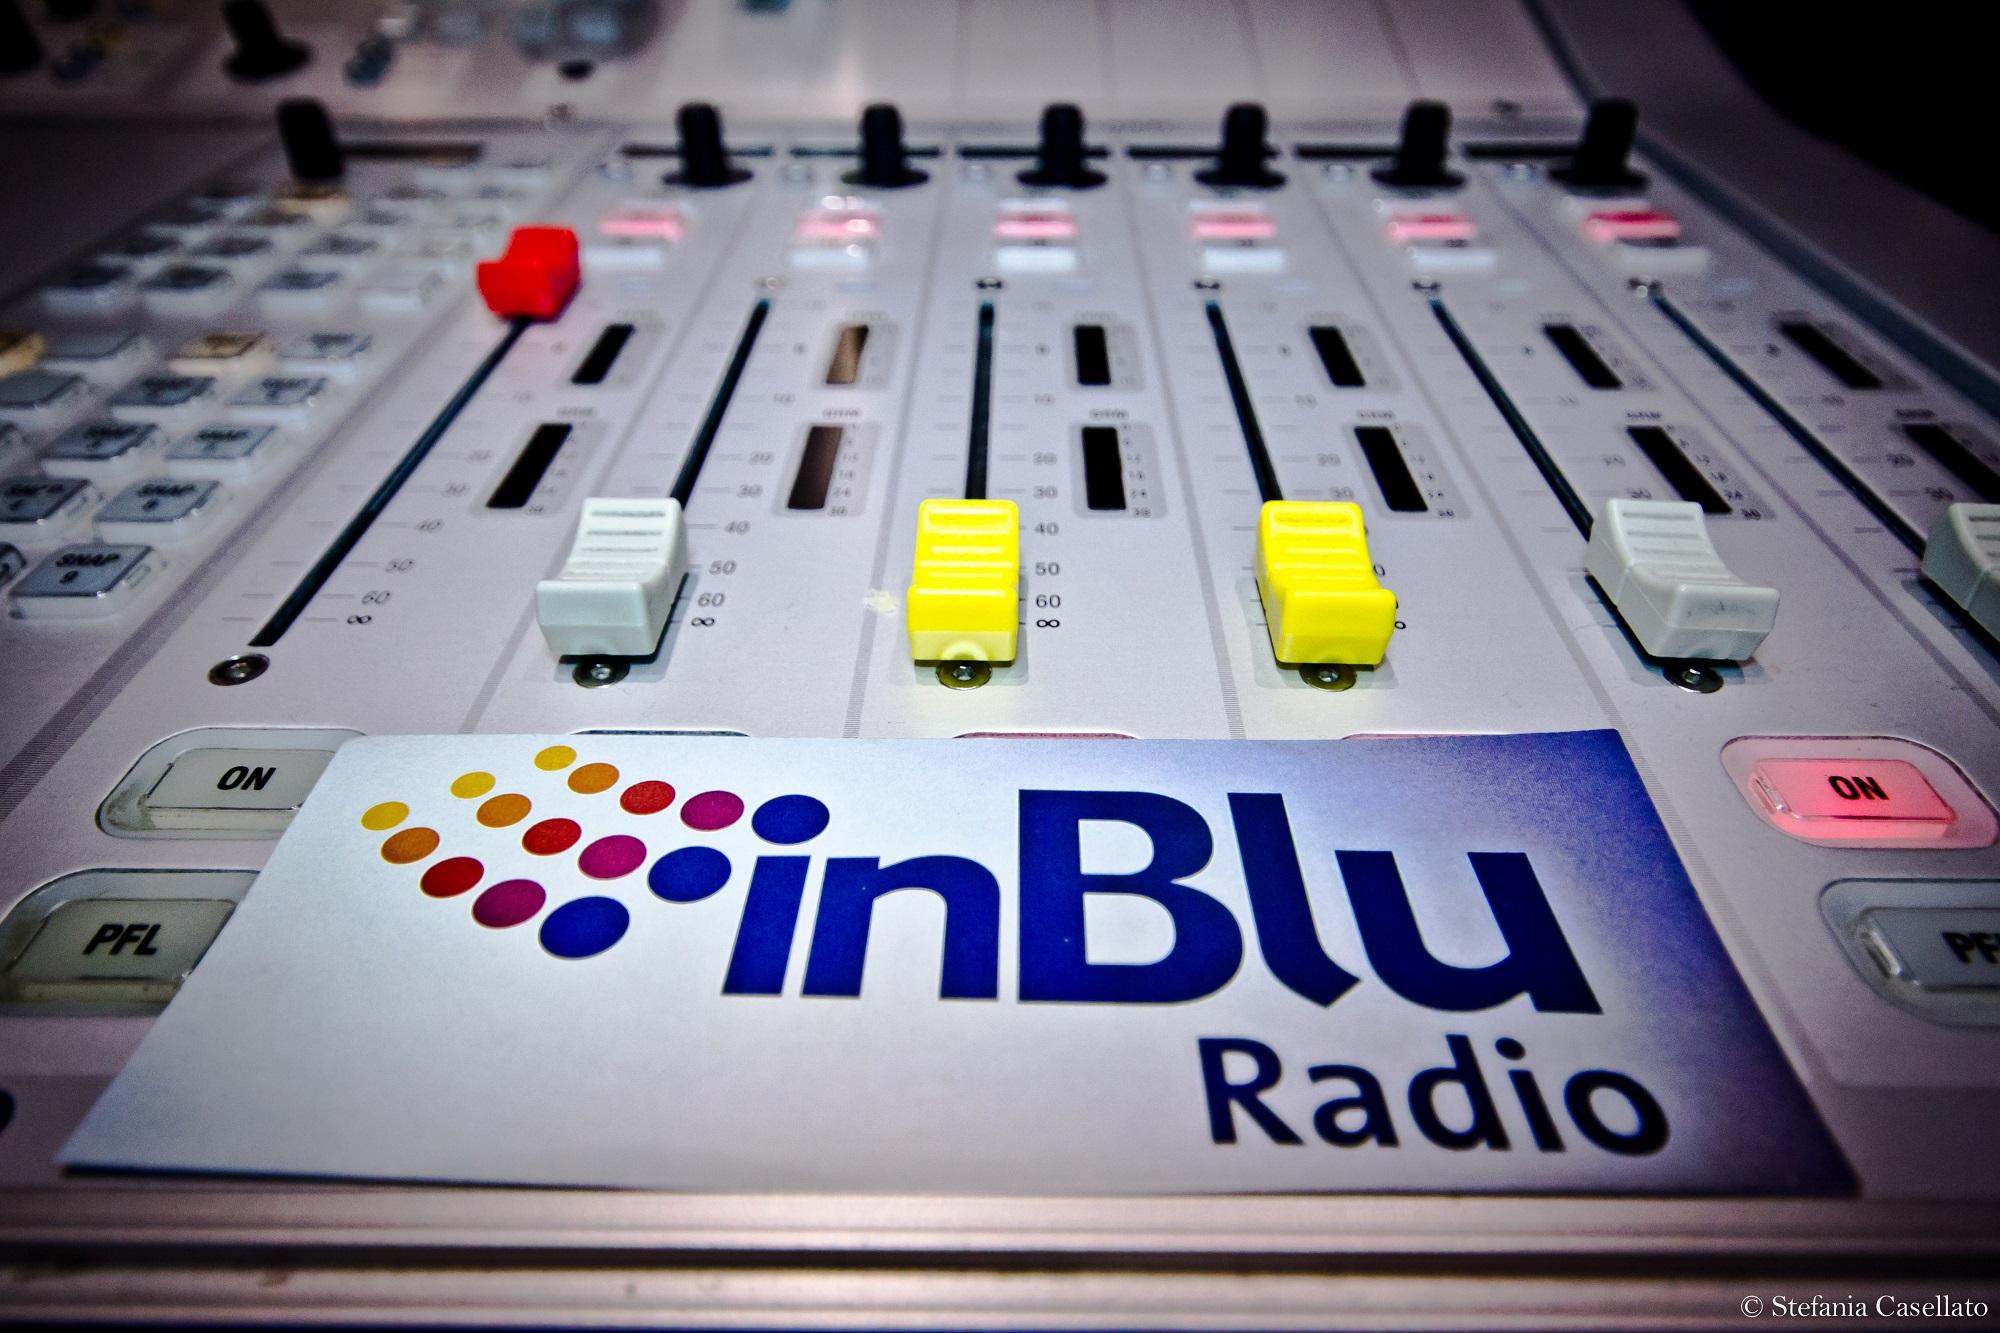 Radio inBlu dettaglio 03 l - Radio. InBlu, Ruffini, consapevoli sfida che abbiamo davanti: realizzare profilo 4.0. Ma non ci interessa visual radio: meglio brand bouquet. Futuro è IP